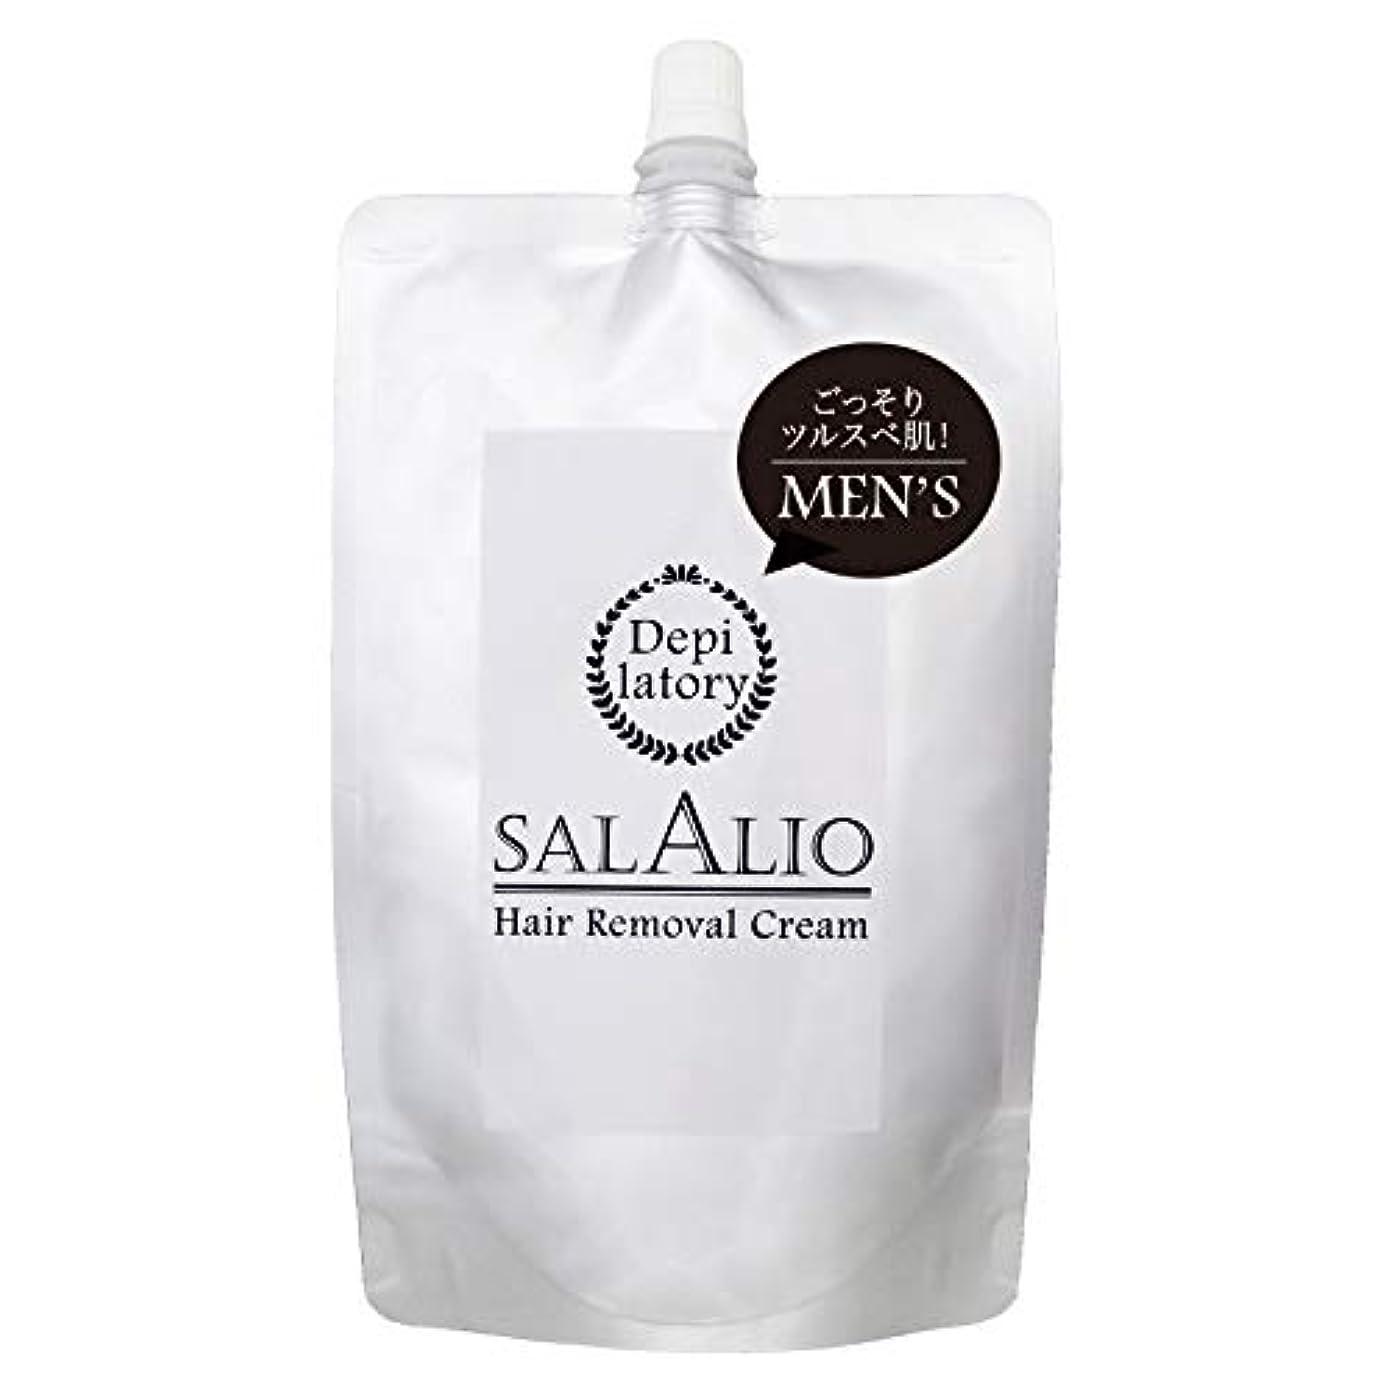 コンサートプロテスタントテンション医薬部外品 SALALIO サラリオ メンズ 除毛 脱毛 リムーバークリーム 陰部 ボディ用